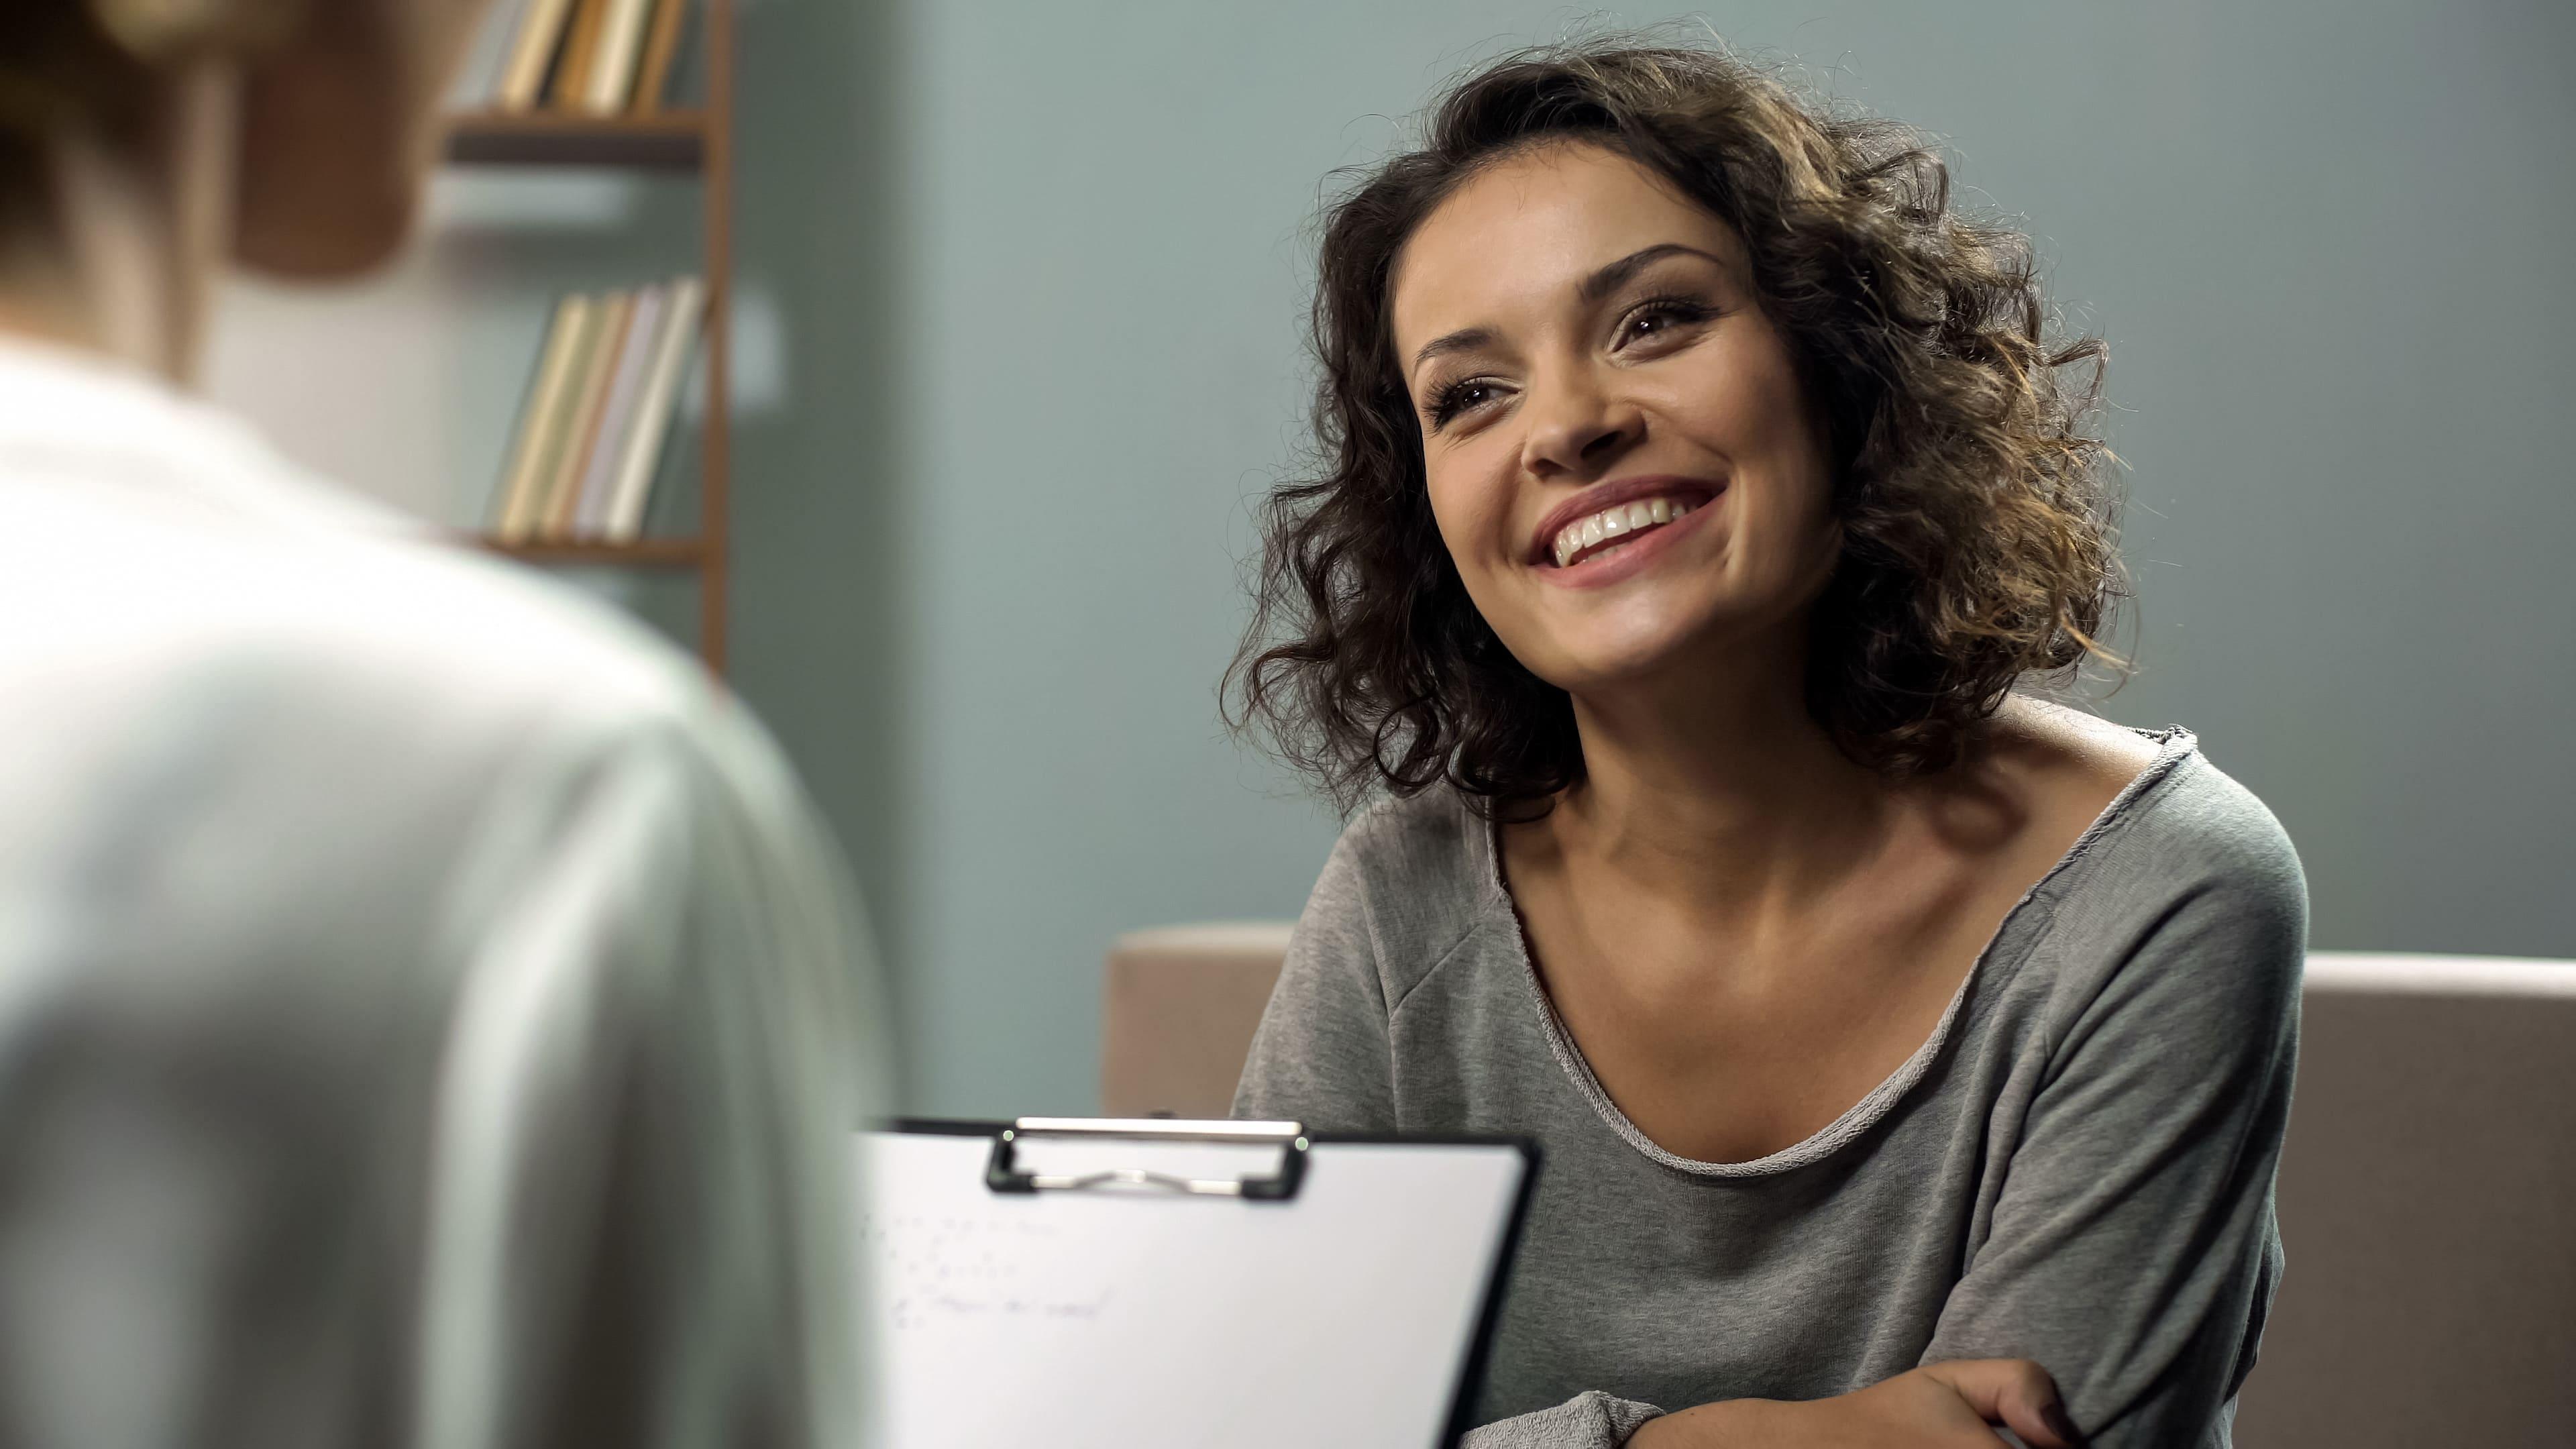 健康経営アドバイザーとは?メリットや業務内容を紹介